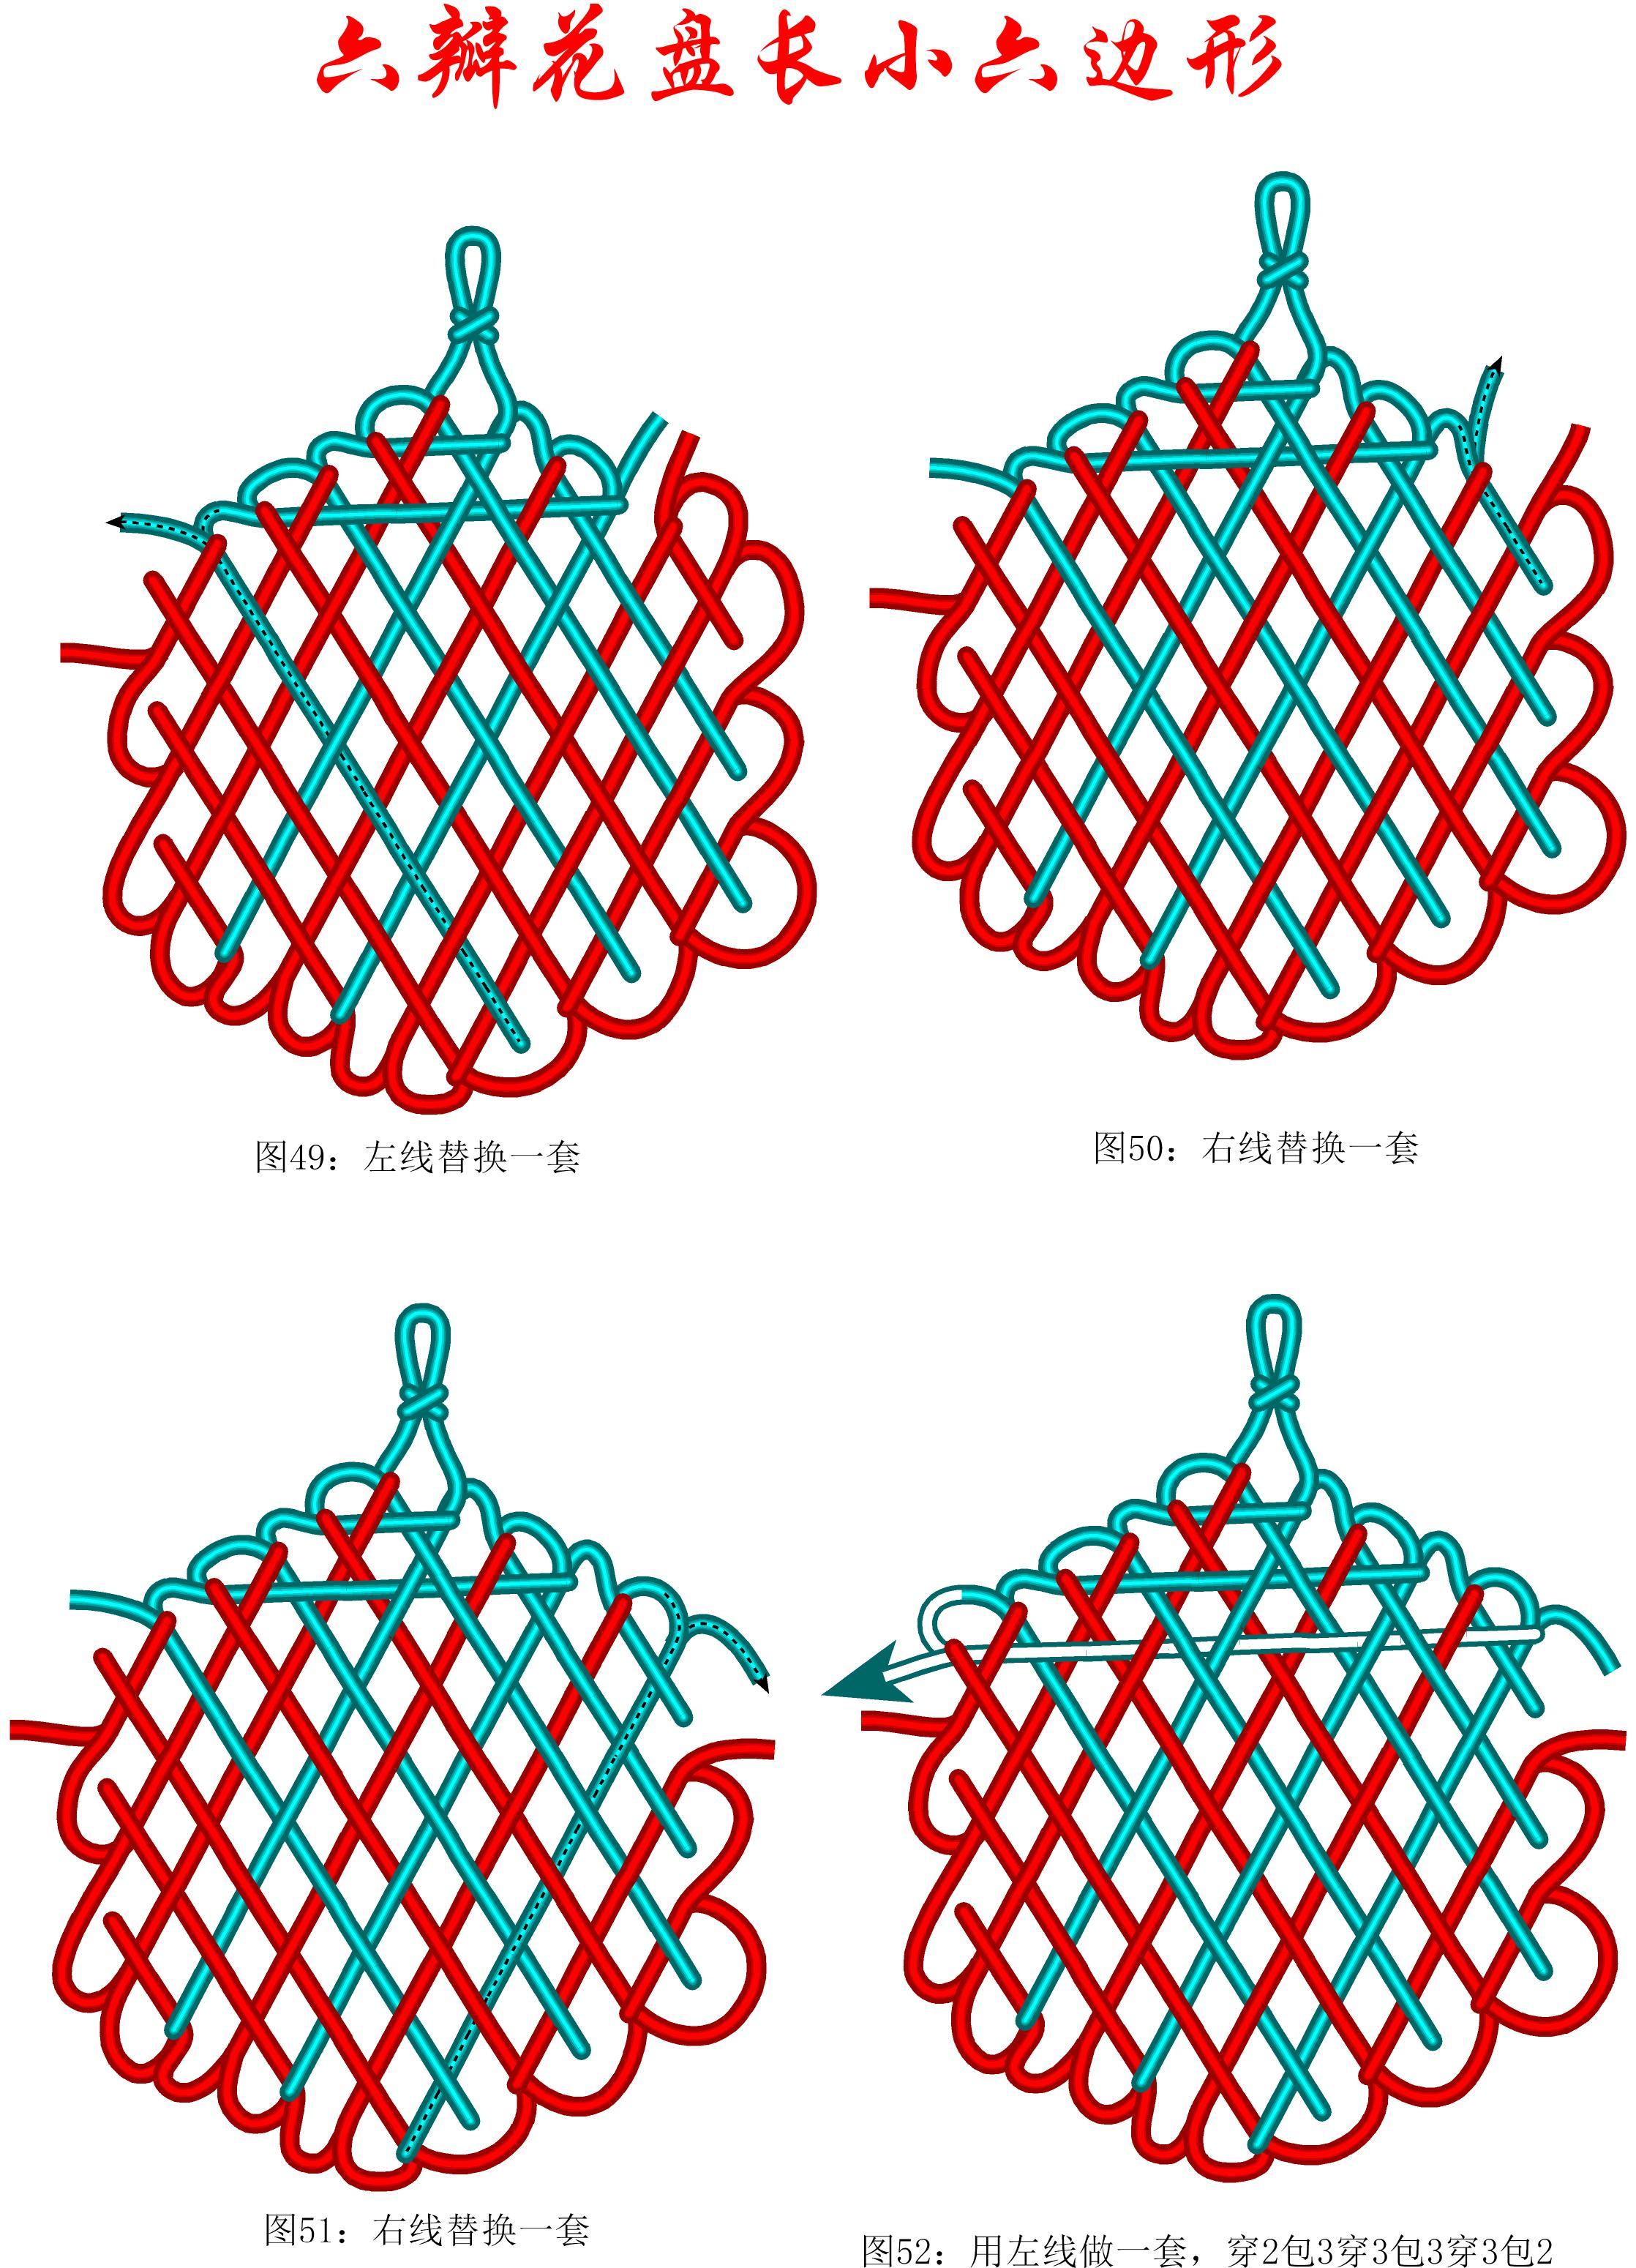 中国结论坛 六瓣花盘长小六边形徒手教程 1264,盘长结 丑丑徒手编结 084432m9ngdxiqggh1sd3g